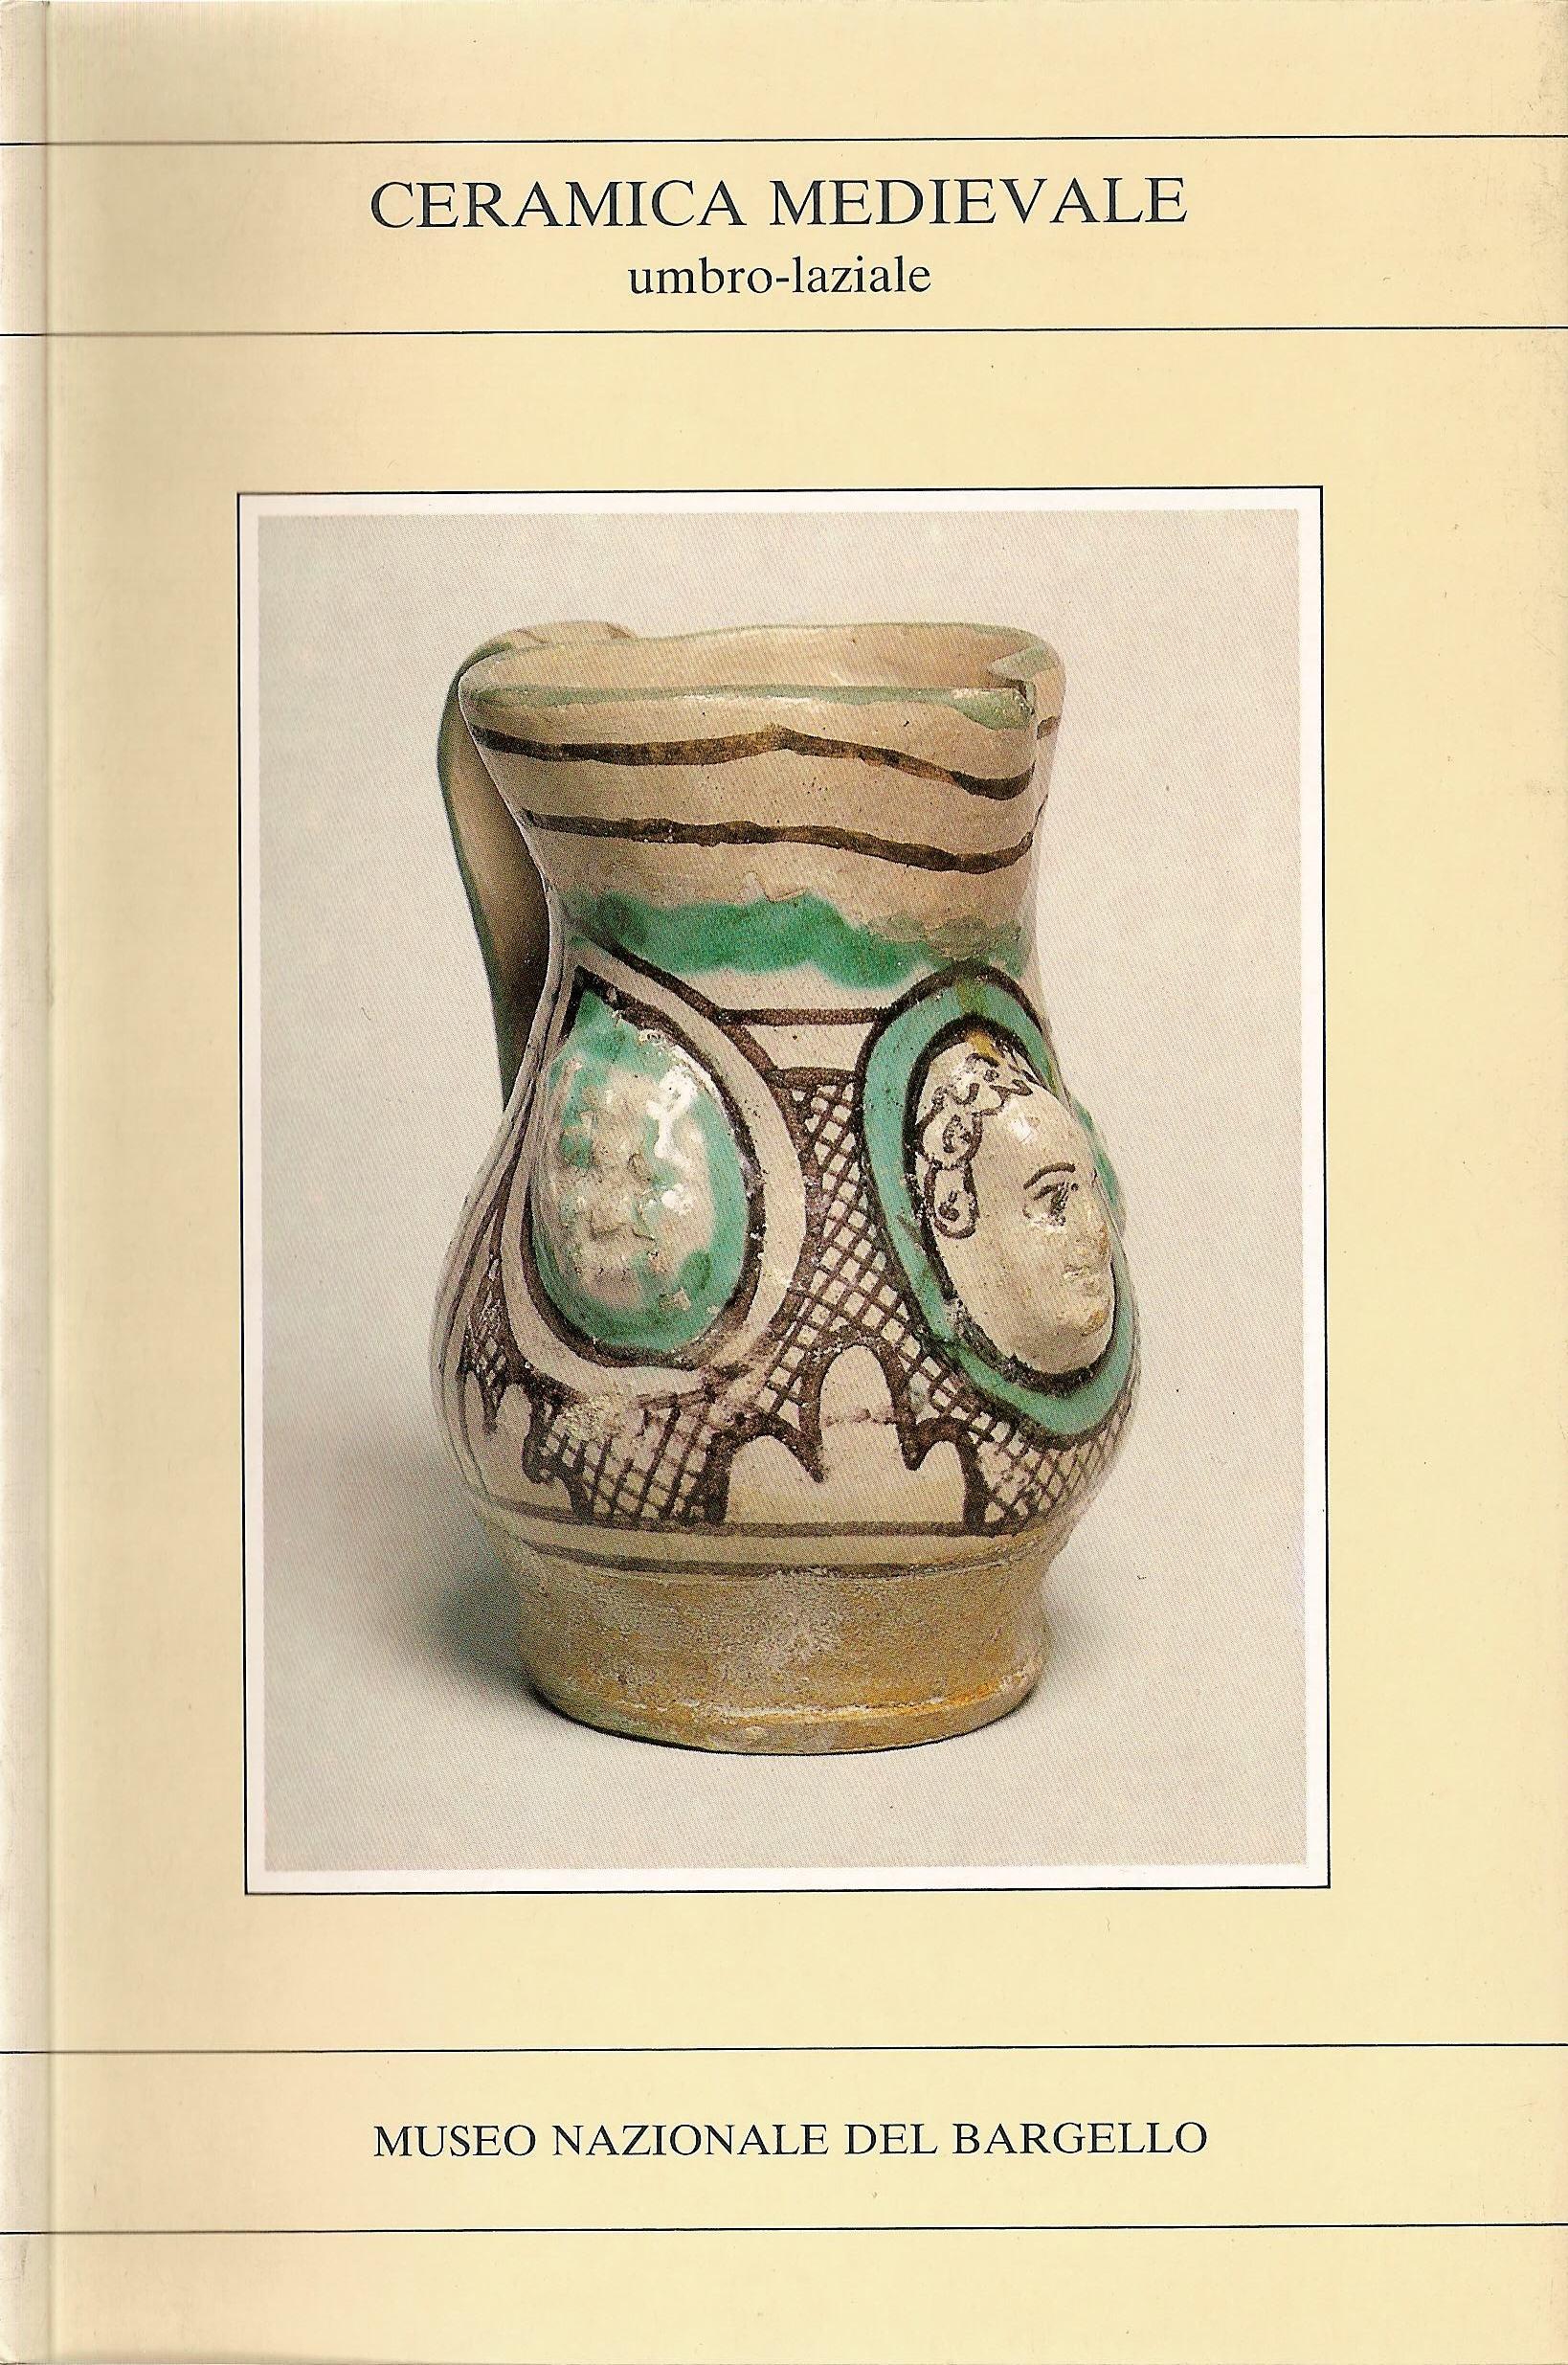 Ceramica medievale umbro-laziale